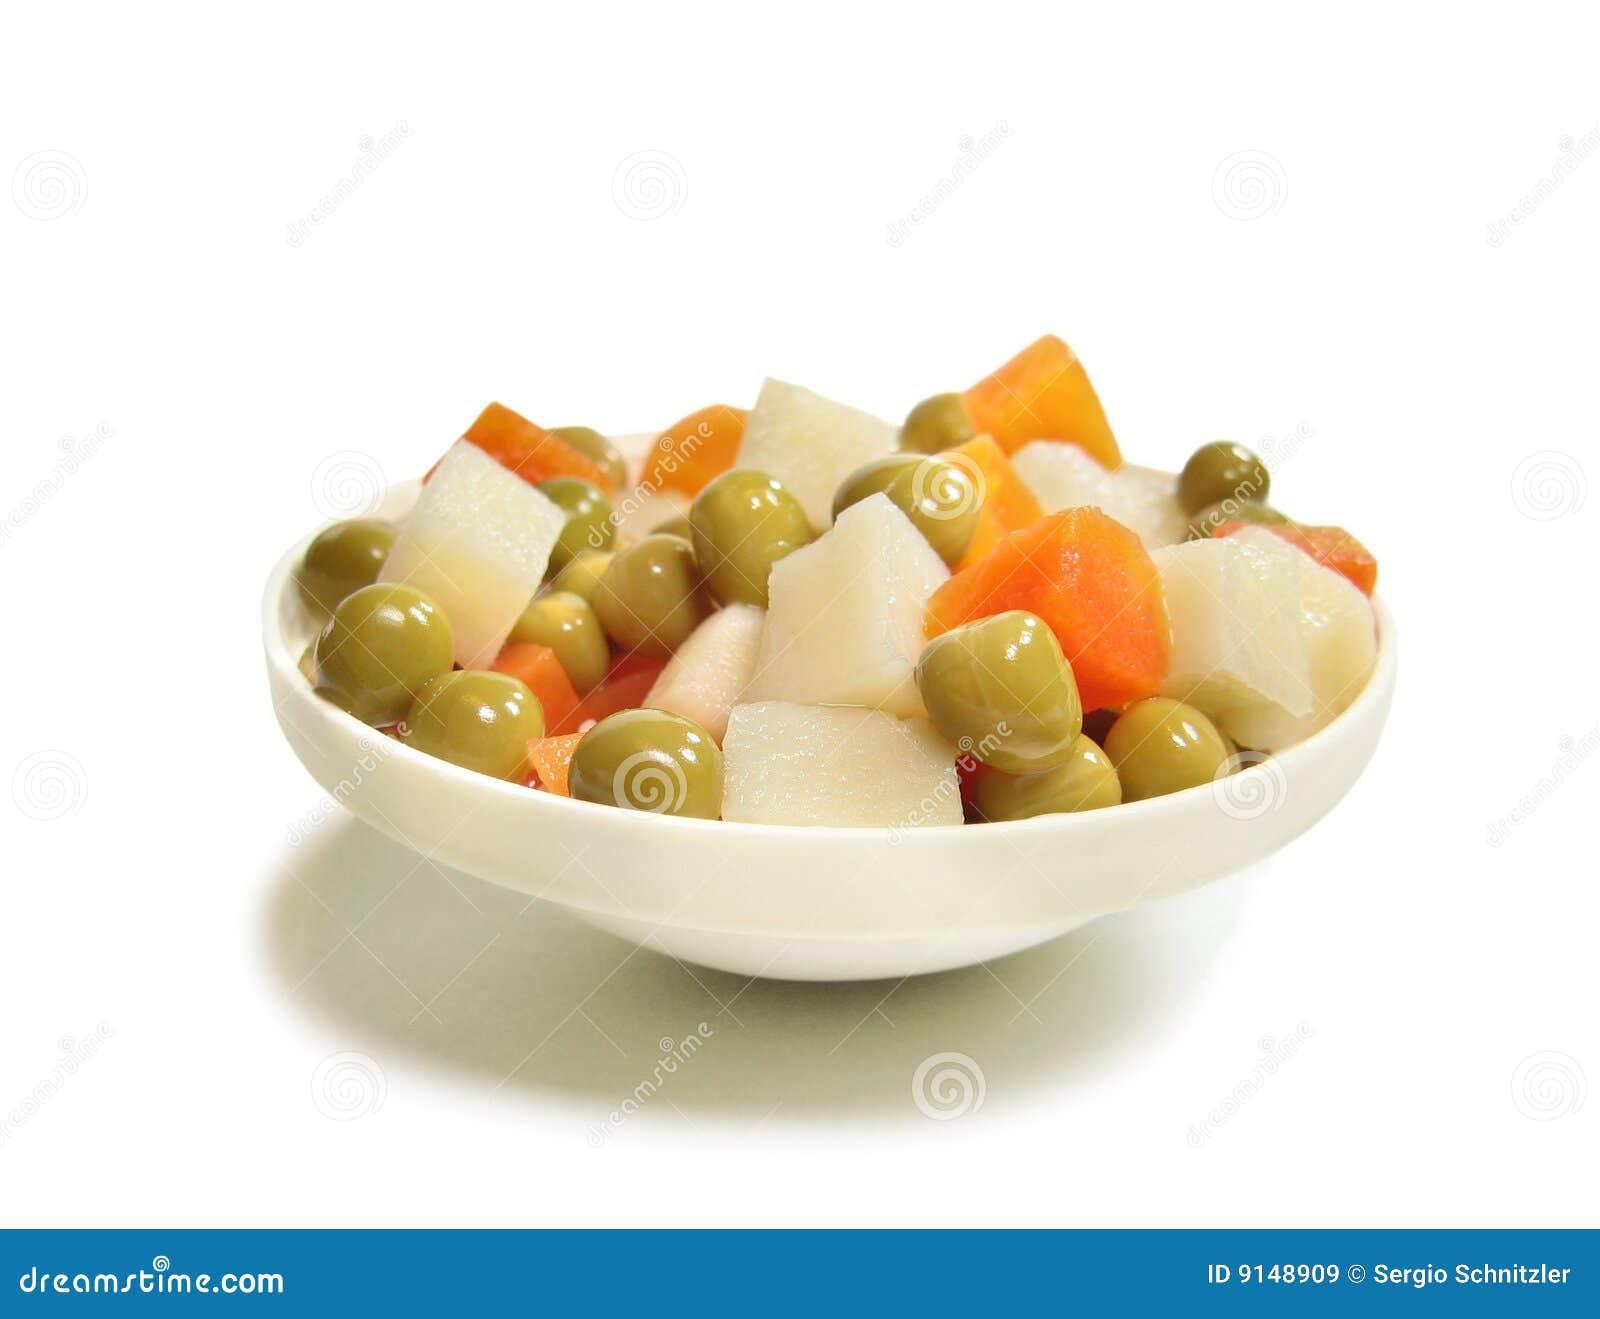 Patata, zanahoria y guisante